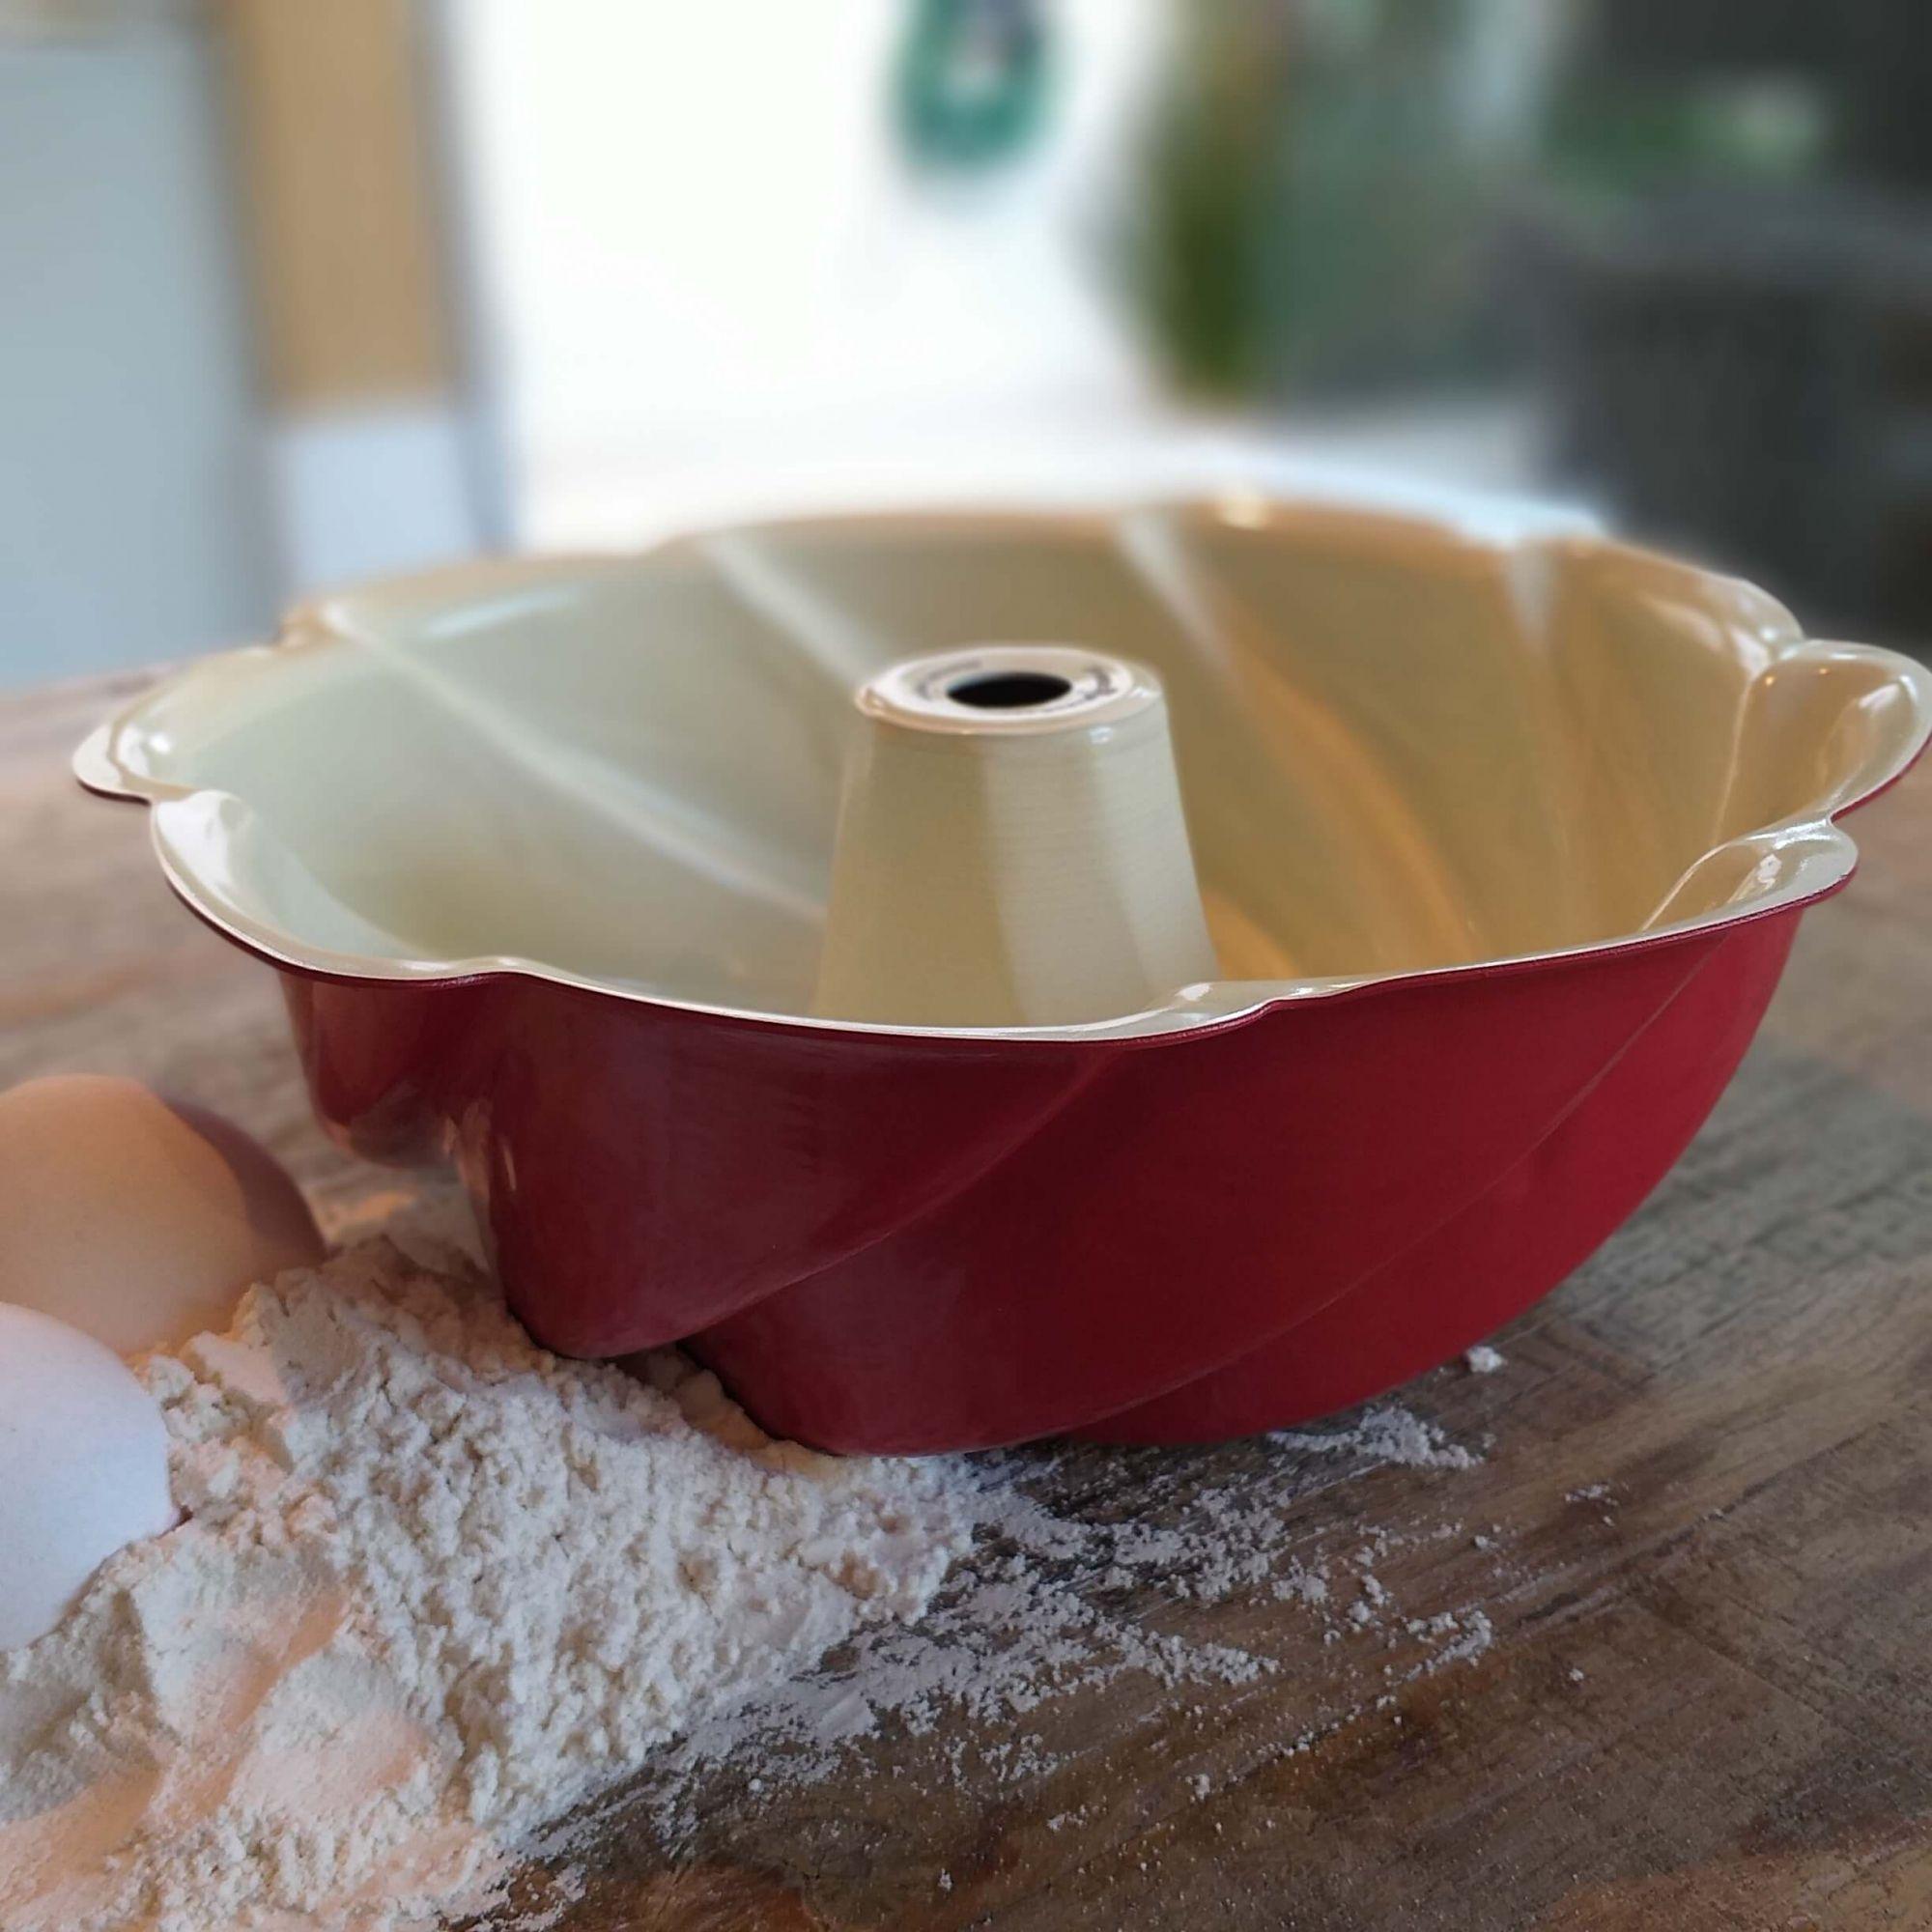 Forma de Bolo Heritage Bundt 10-Cup Nordic Ware Vermelha